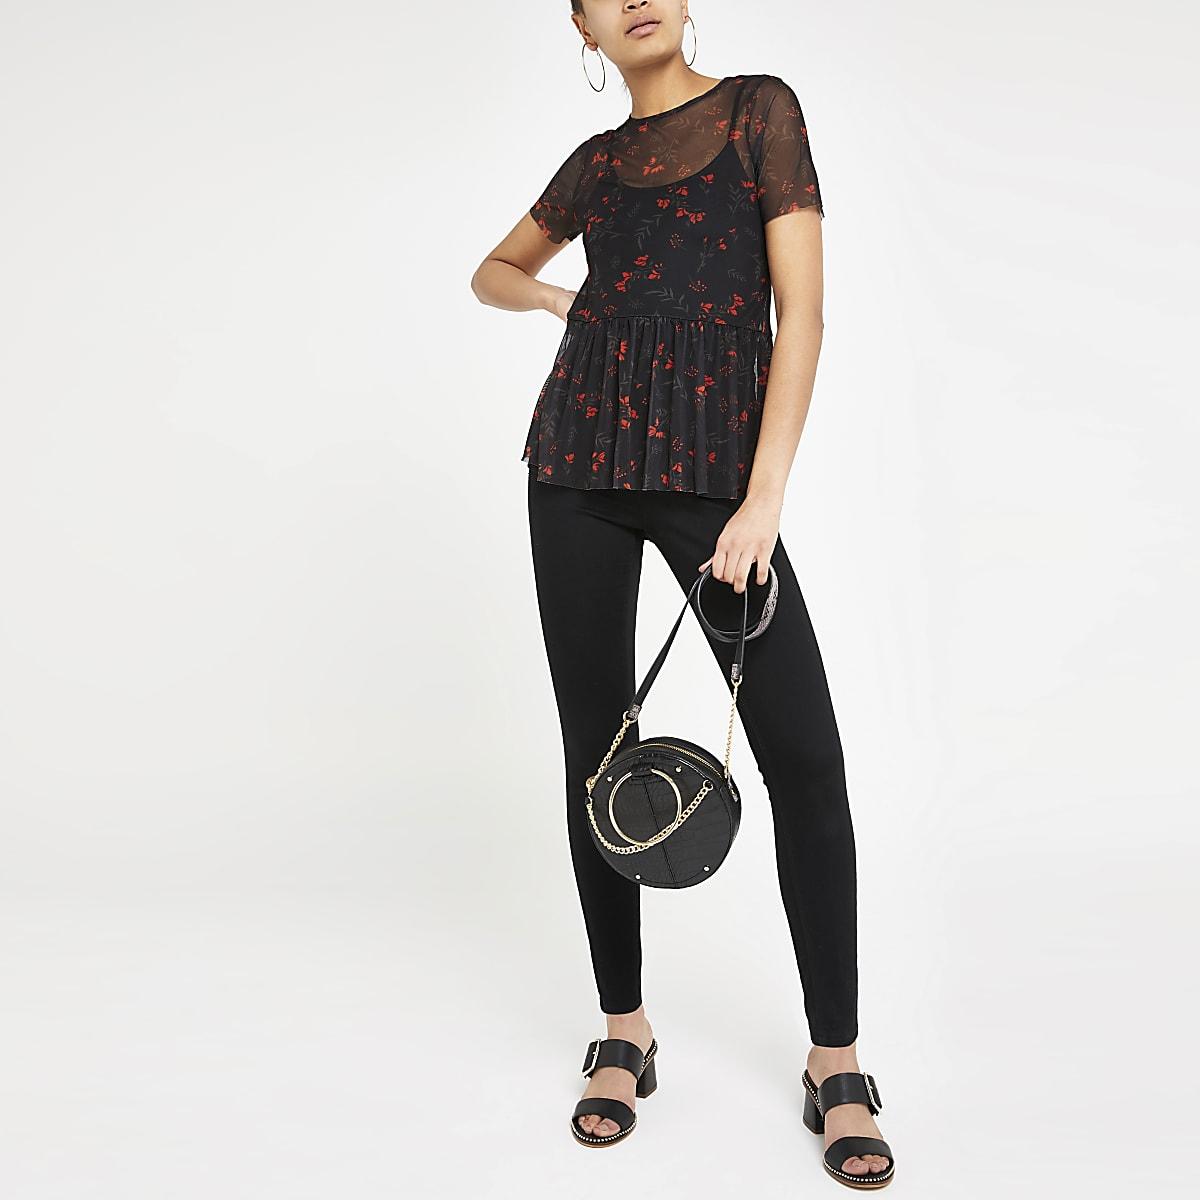 Zwarte top met bloemenprint, mesh en peplum